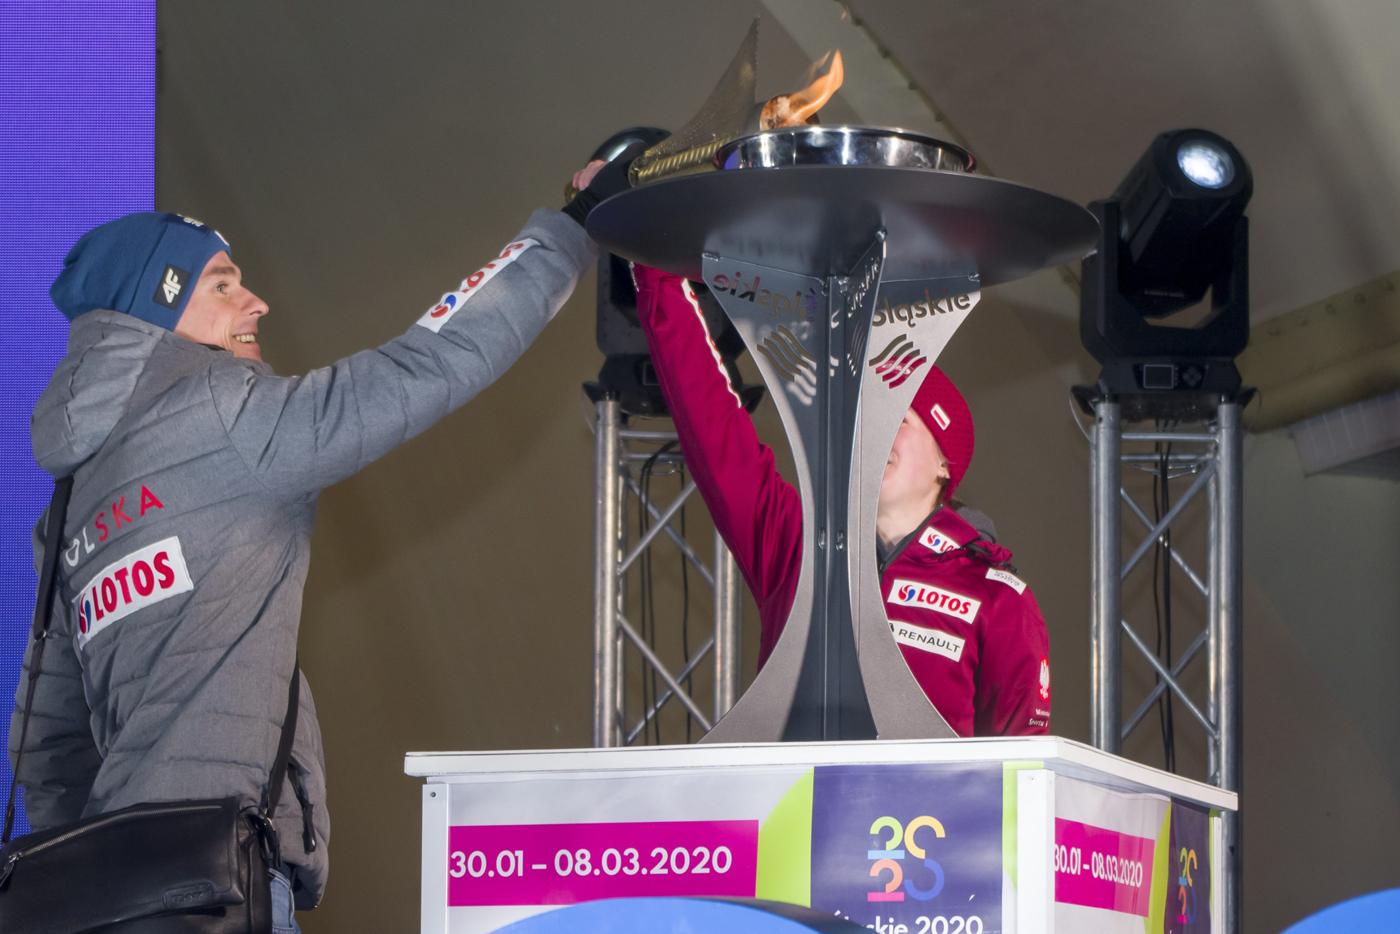 Uroczyste otwarcie OOMŚląsk2020. 62medale zawodników zklubów Zrzeszenia wbiathlonie, skokach narciarskich, biegach, kombinacji norweskiej iłyżwiarstwie figurowym